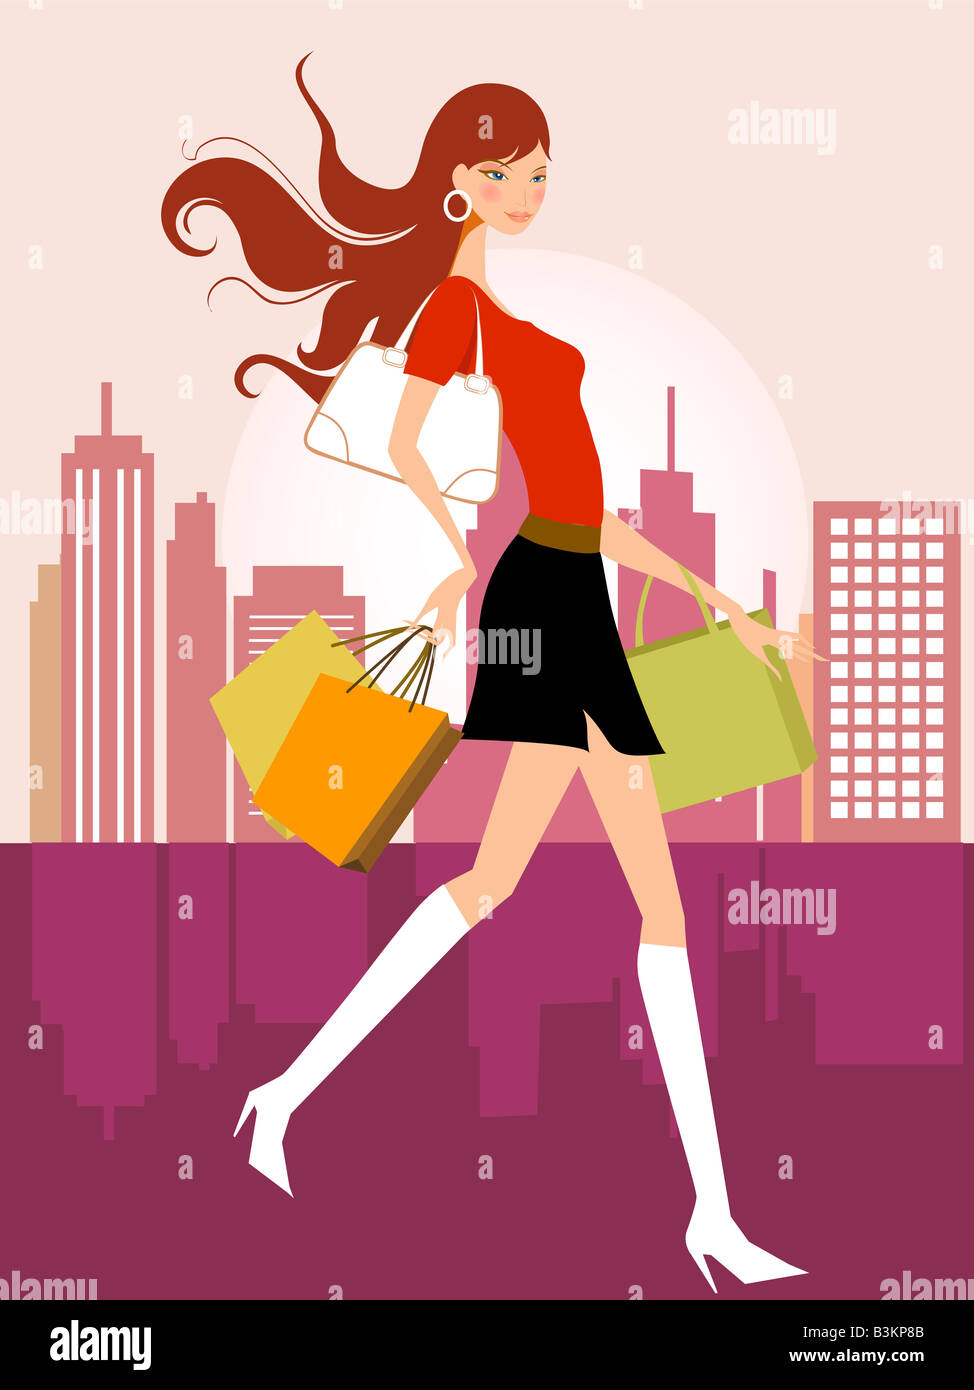 Dessin illustration de shopping girl Photo Stock